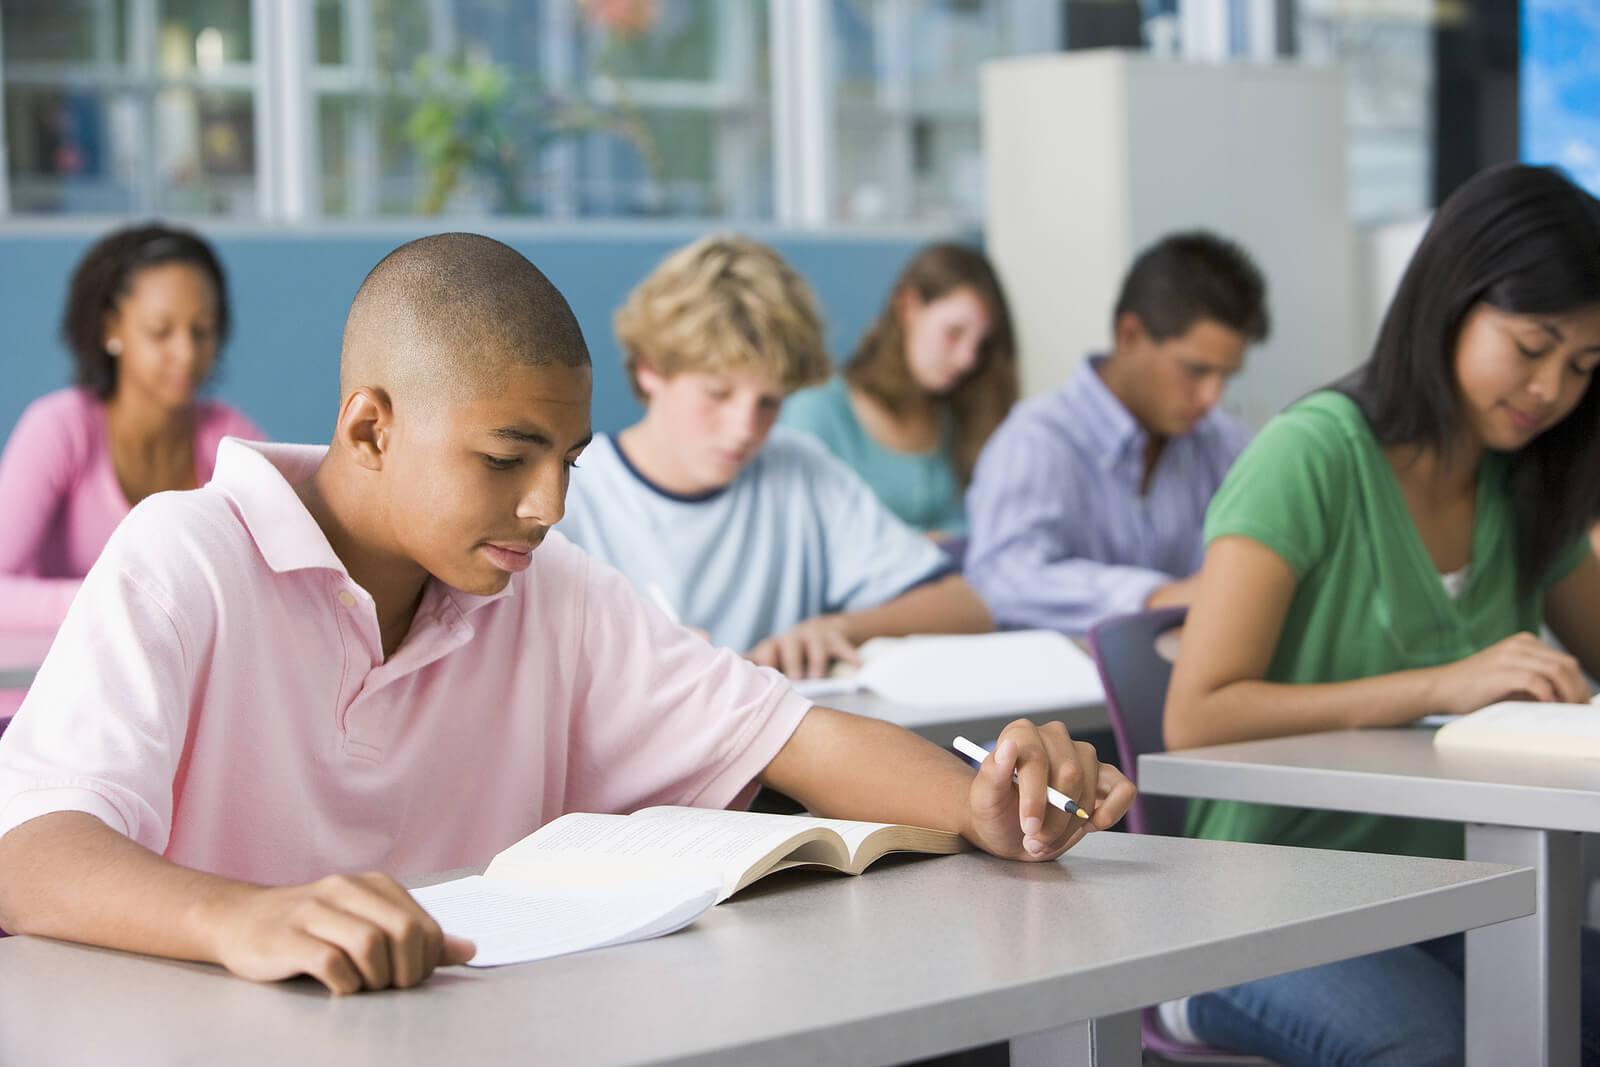 Alumnos en clase en el instituto.